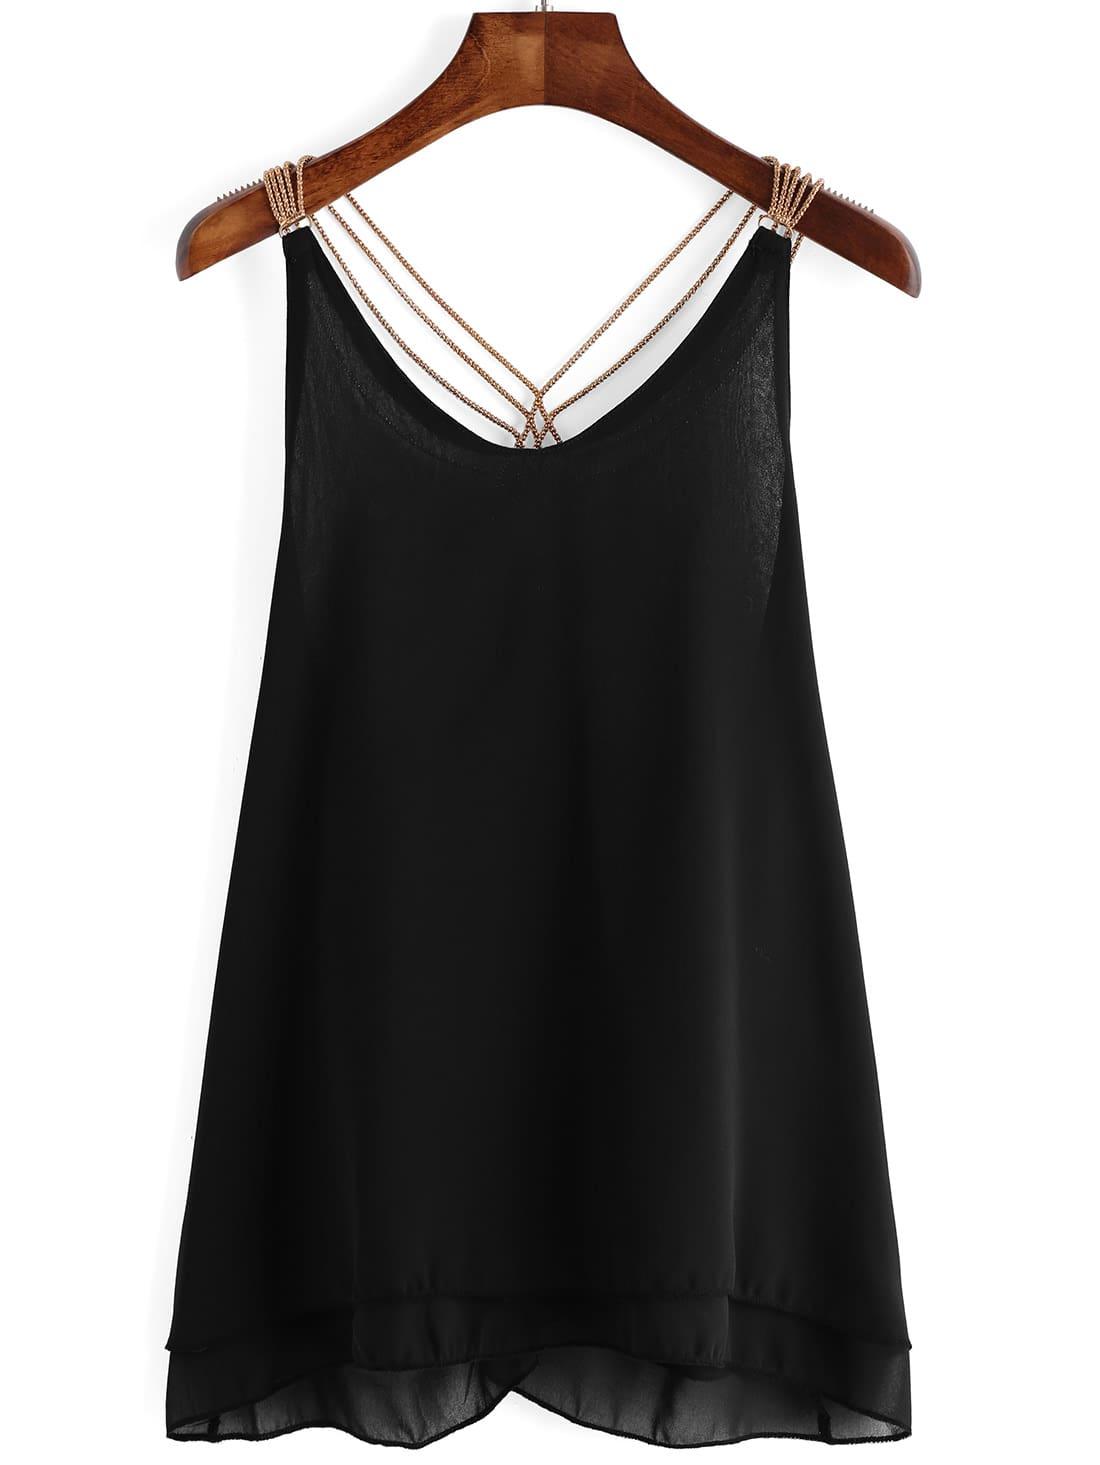 Black Chain Strap Chiffon Cami Top vest151209005